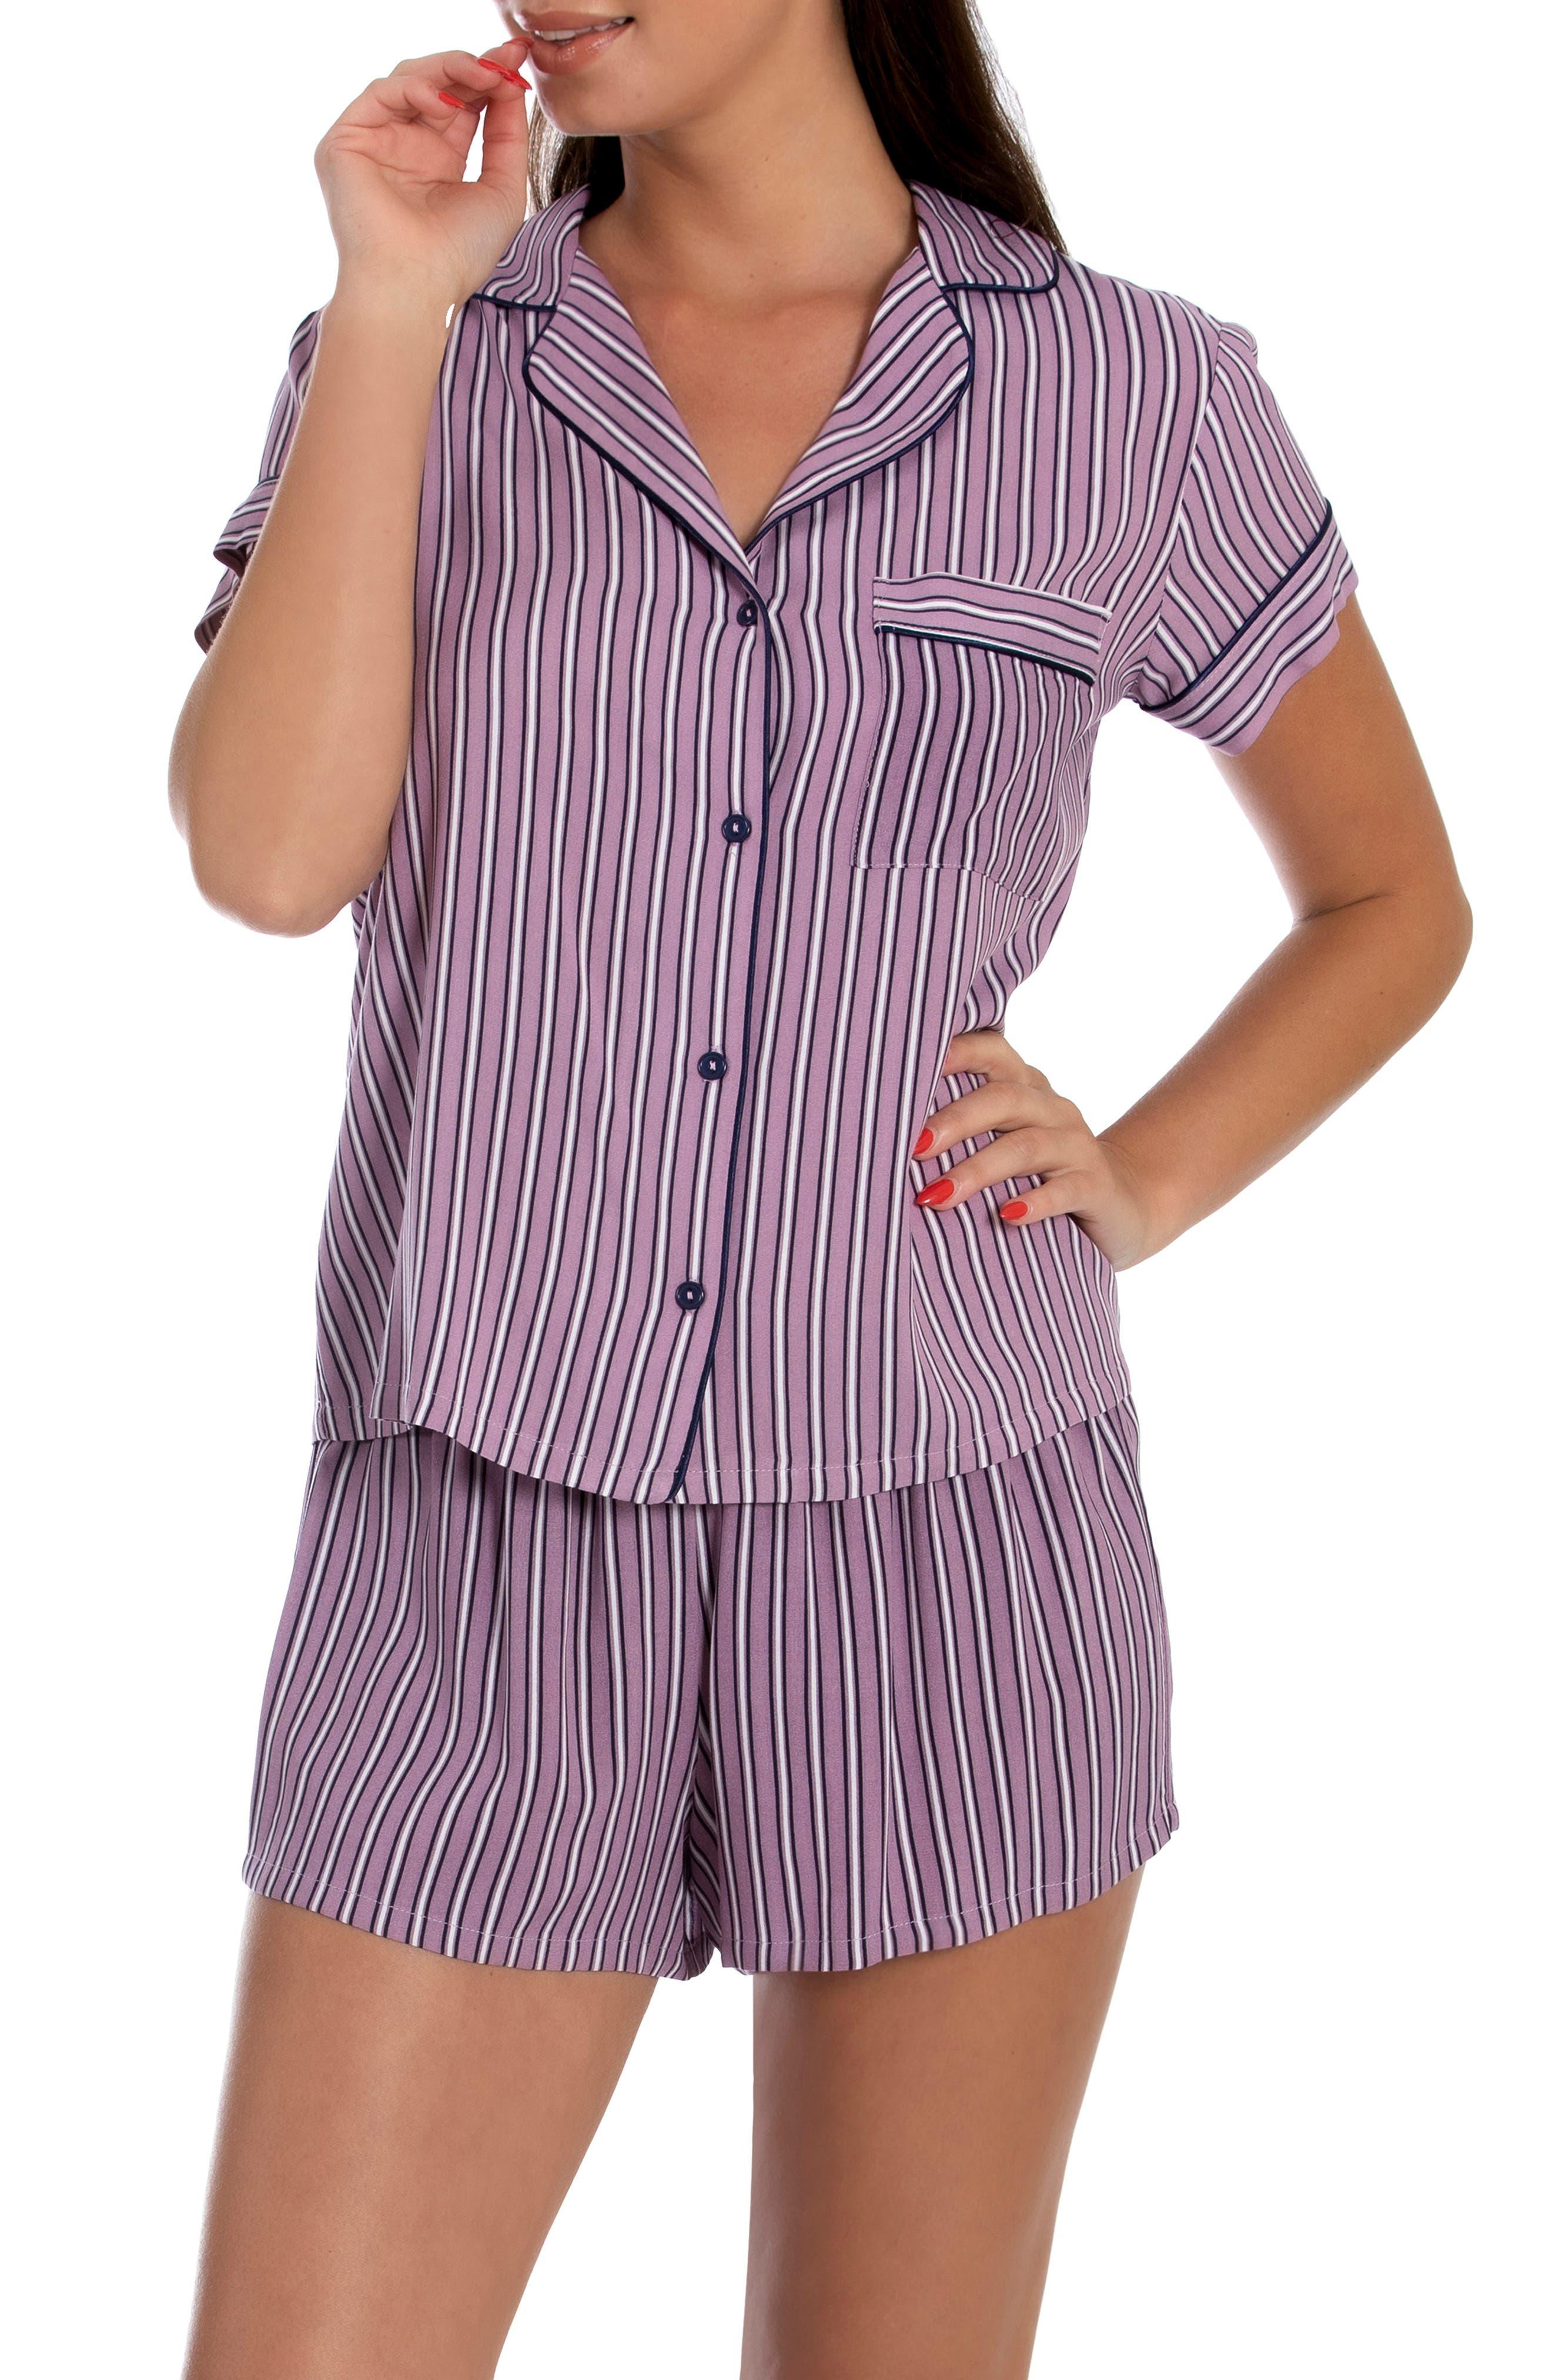 Stripe Short Pajamas